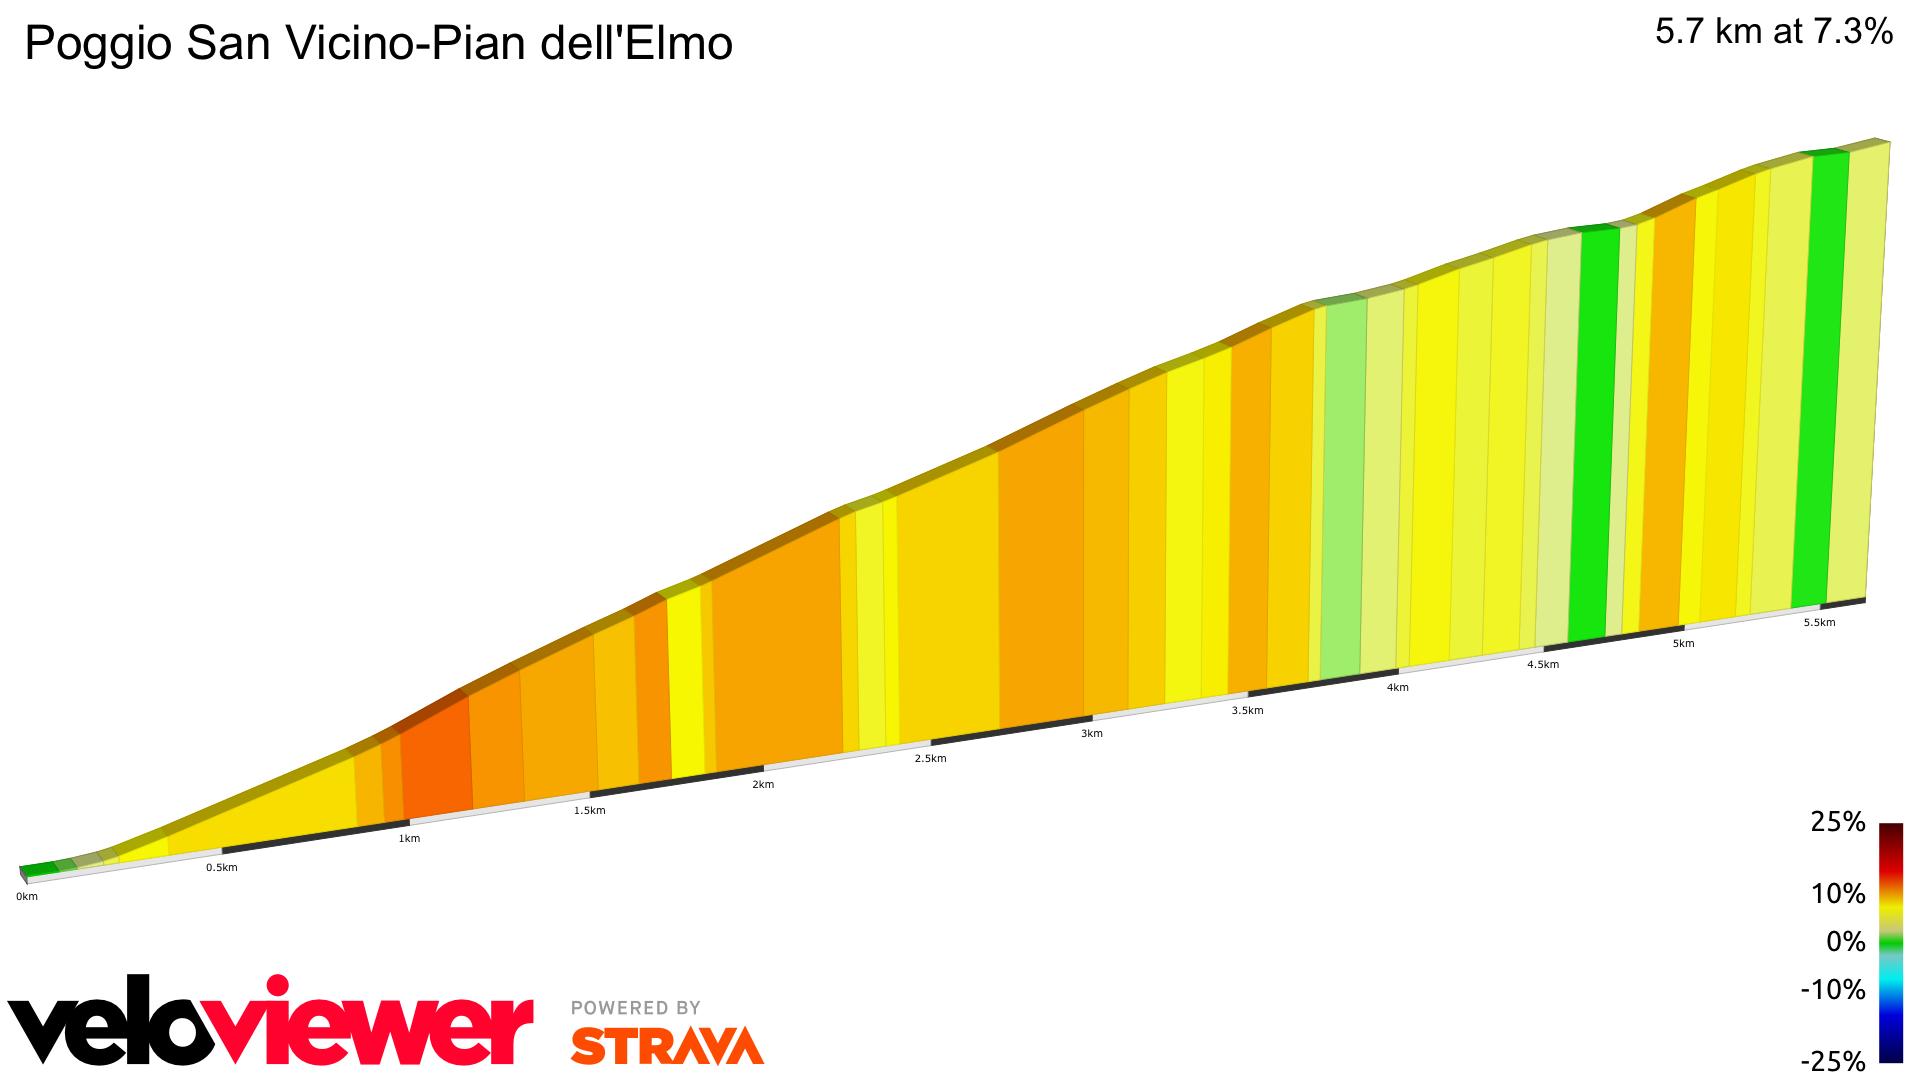 2D Elevation profile image for Poggio San Vicino-Pian dell'Elmo